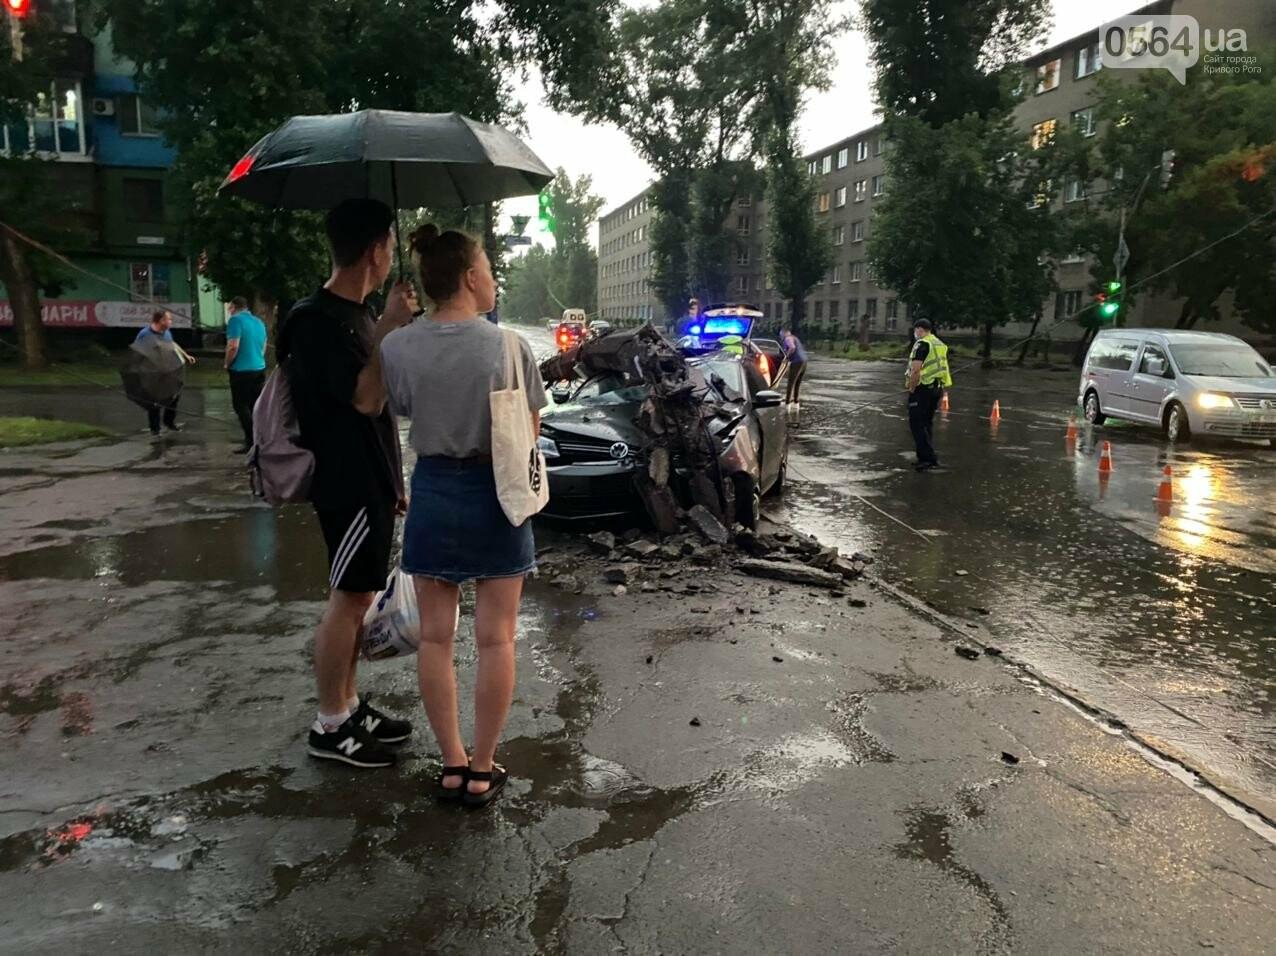 Во время дождя в Кривом Роге Volkswagen снес столб, - ФОТО, фото-4